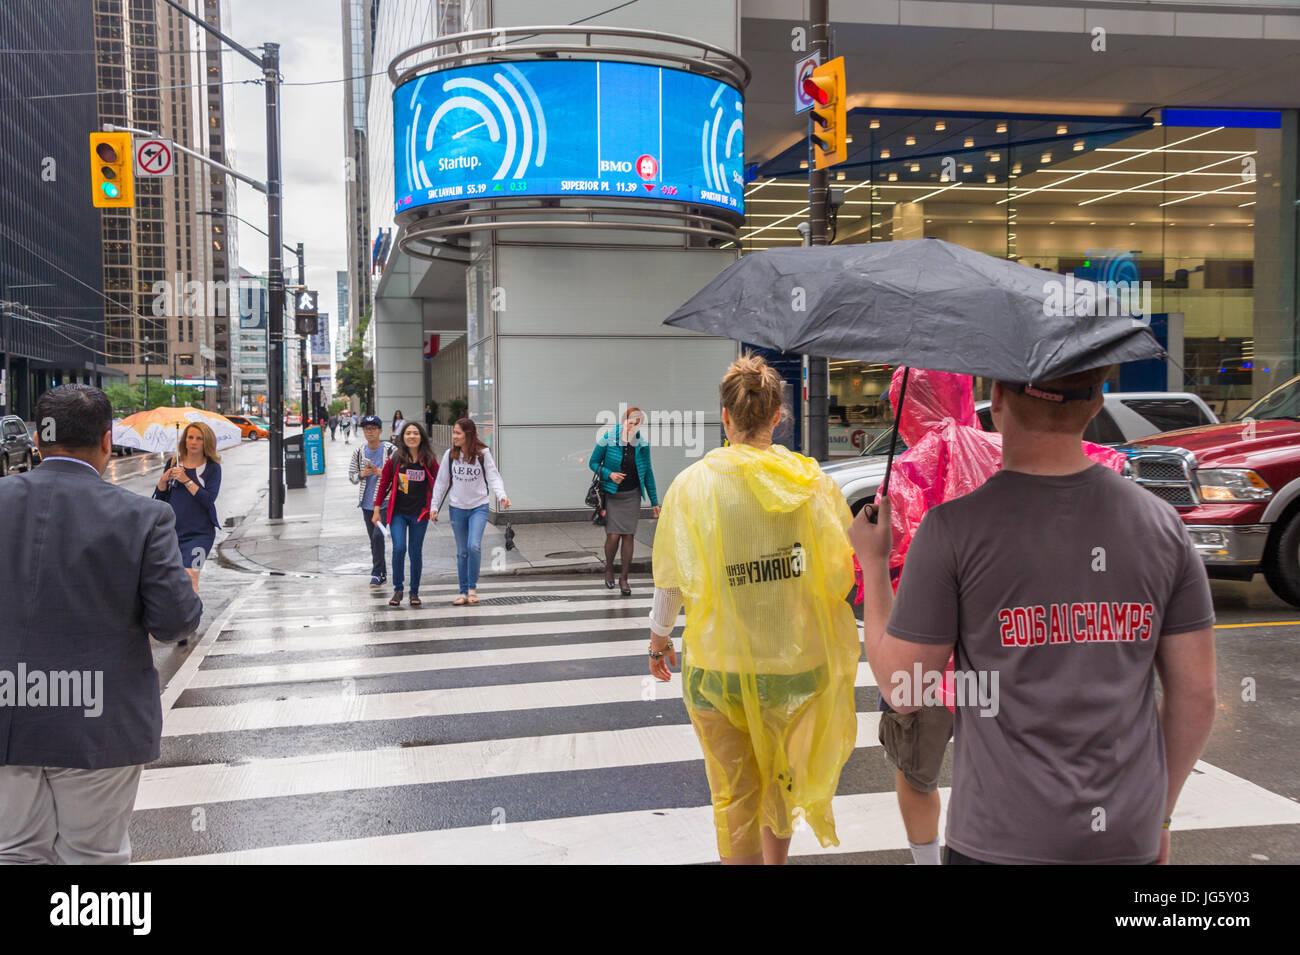 Toronto, Kanada - 26. Juni 2017: Menschenmenge mit Sonnenschirmen und Regenponchos an einem regnerischen Tag Stockbild